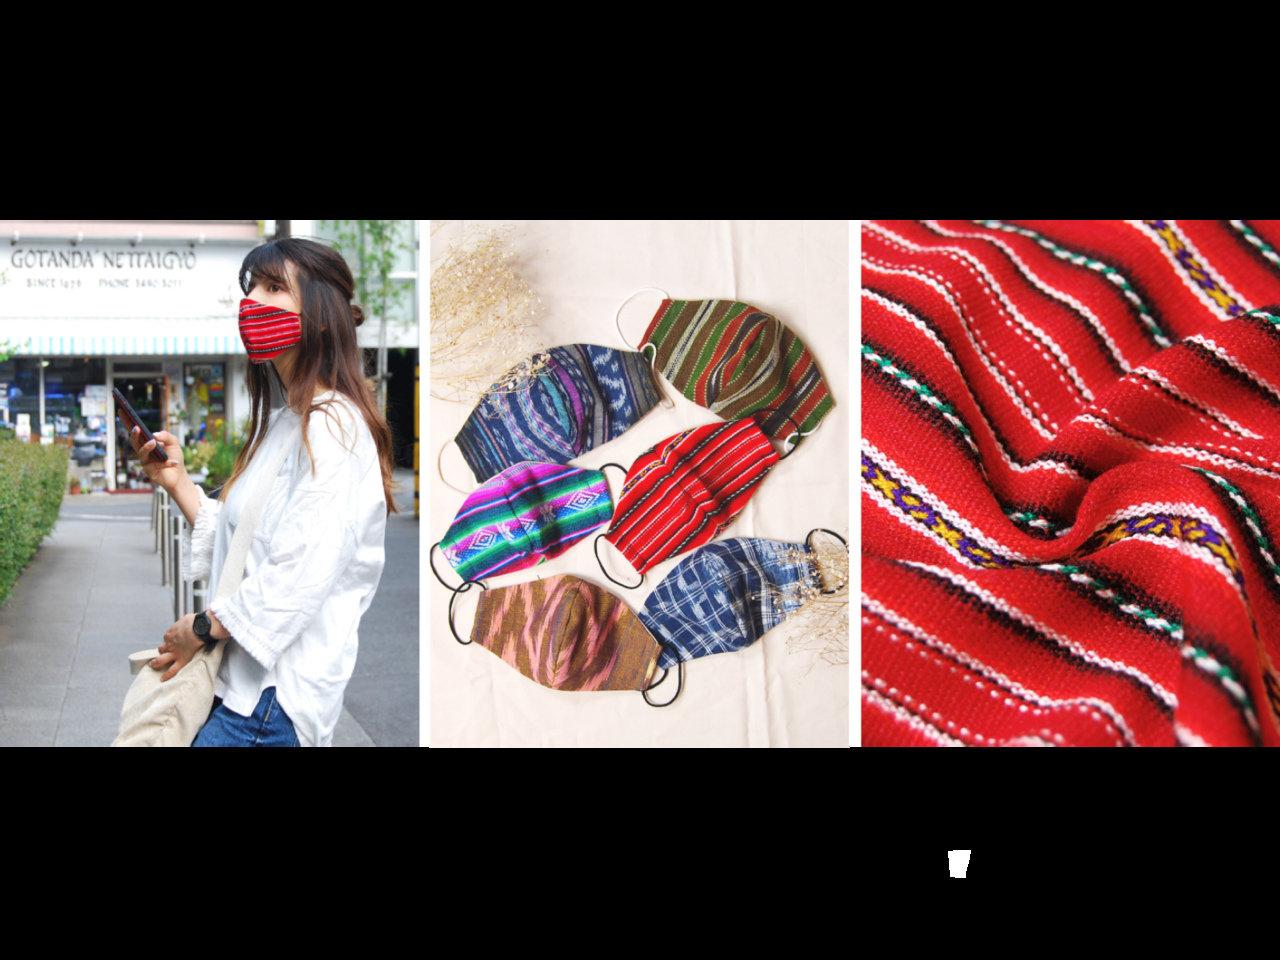 新色5色を追加。中南米手織り生地を使用したエシカルなマスク発売中です。